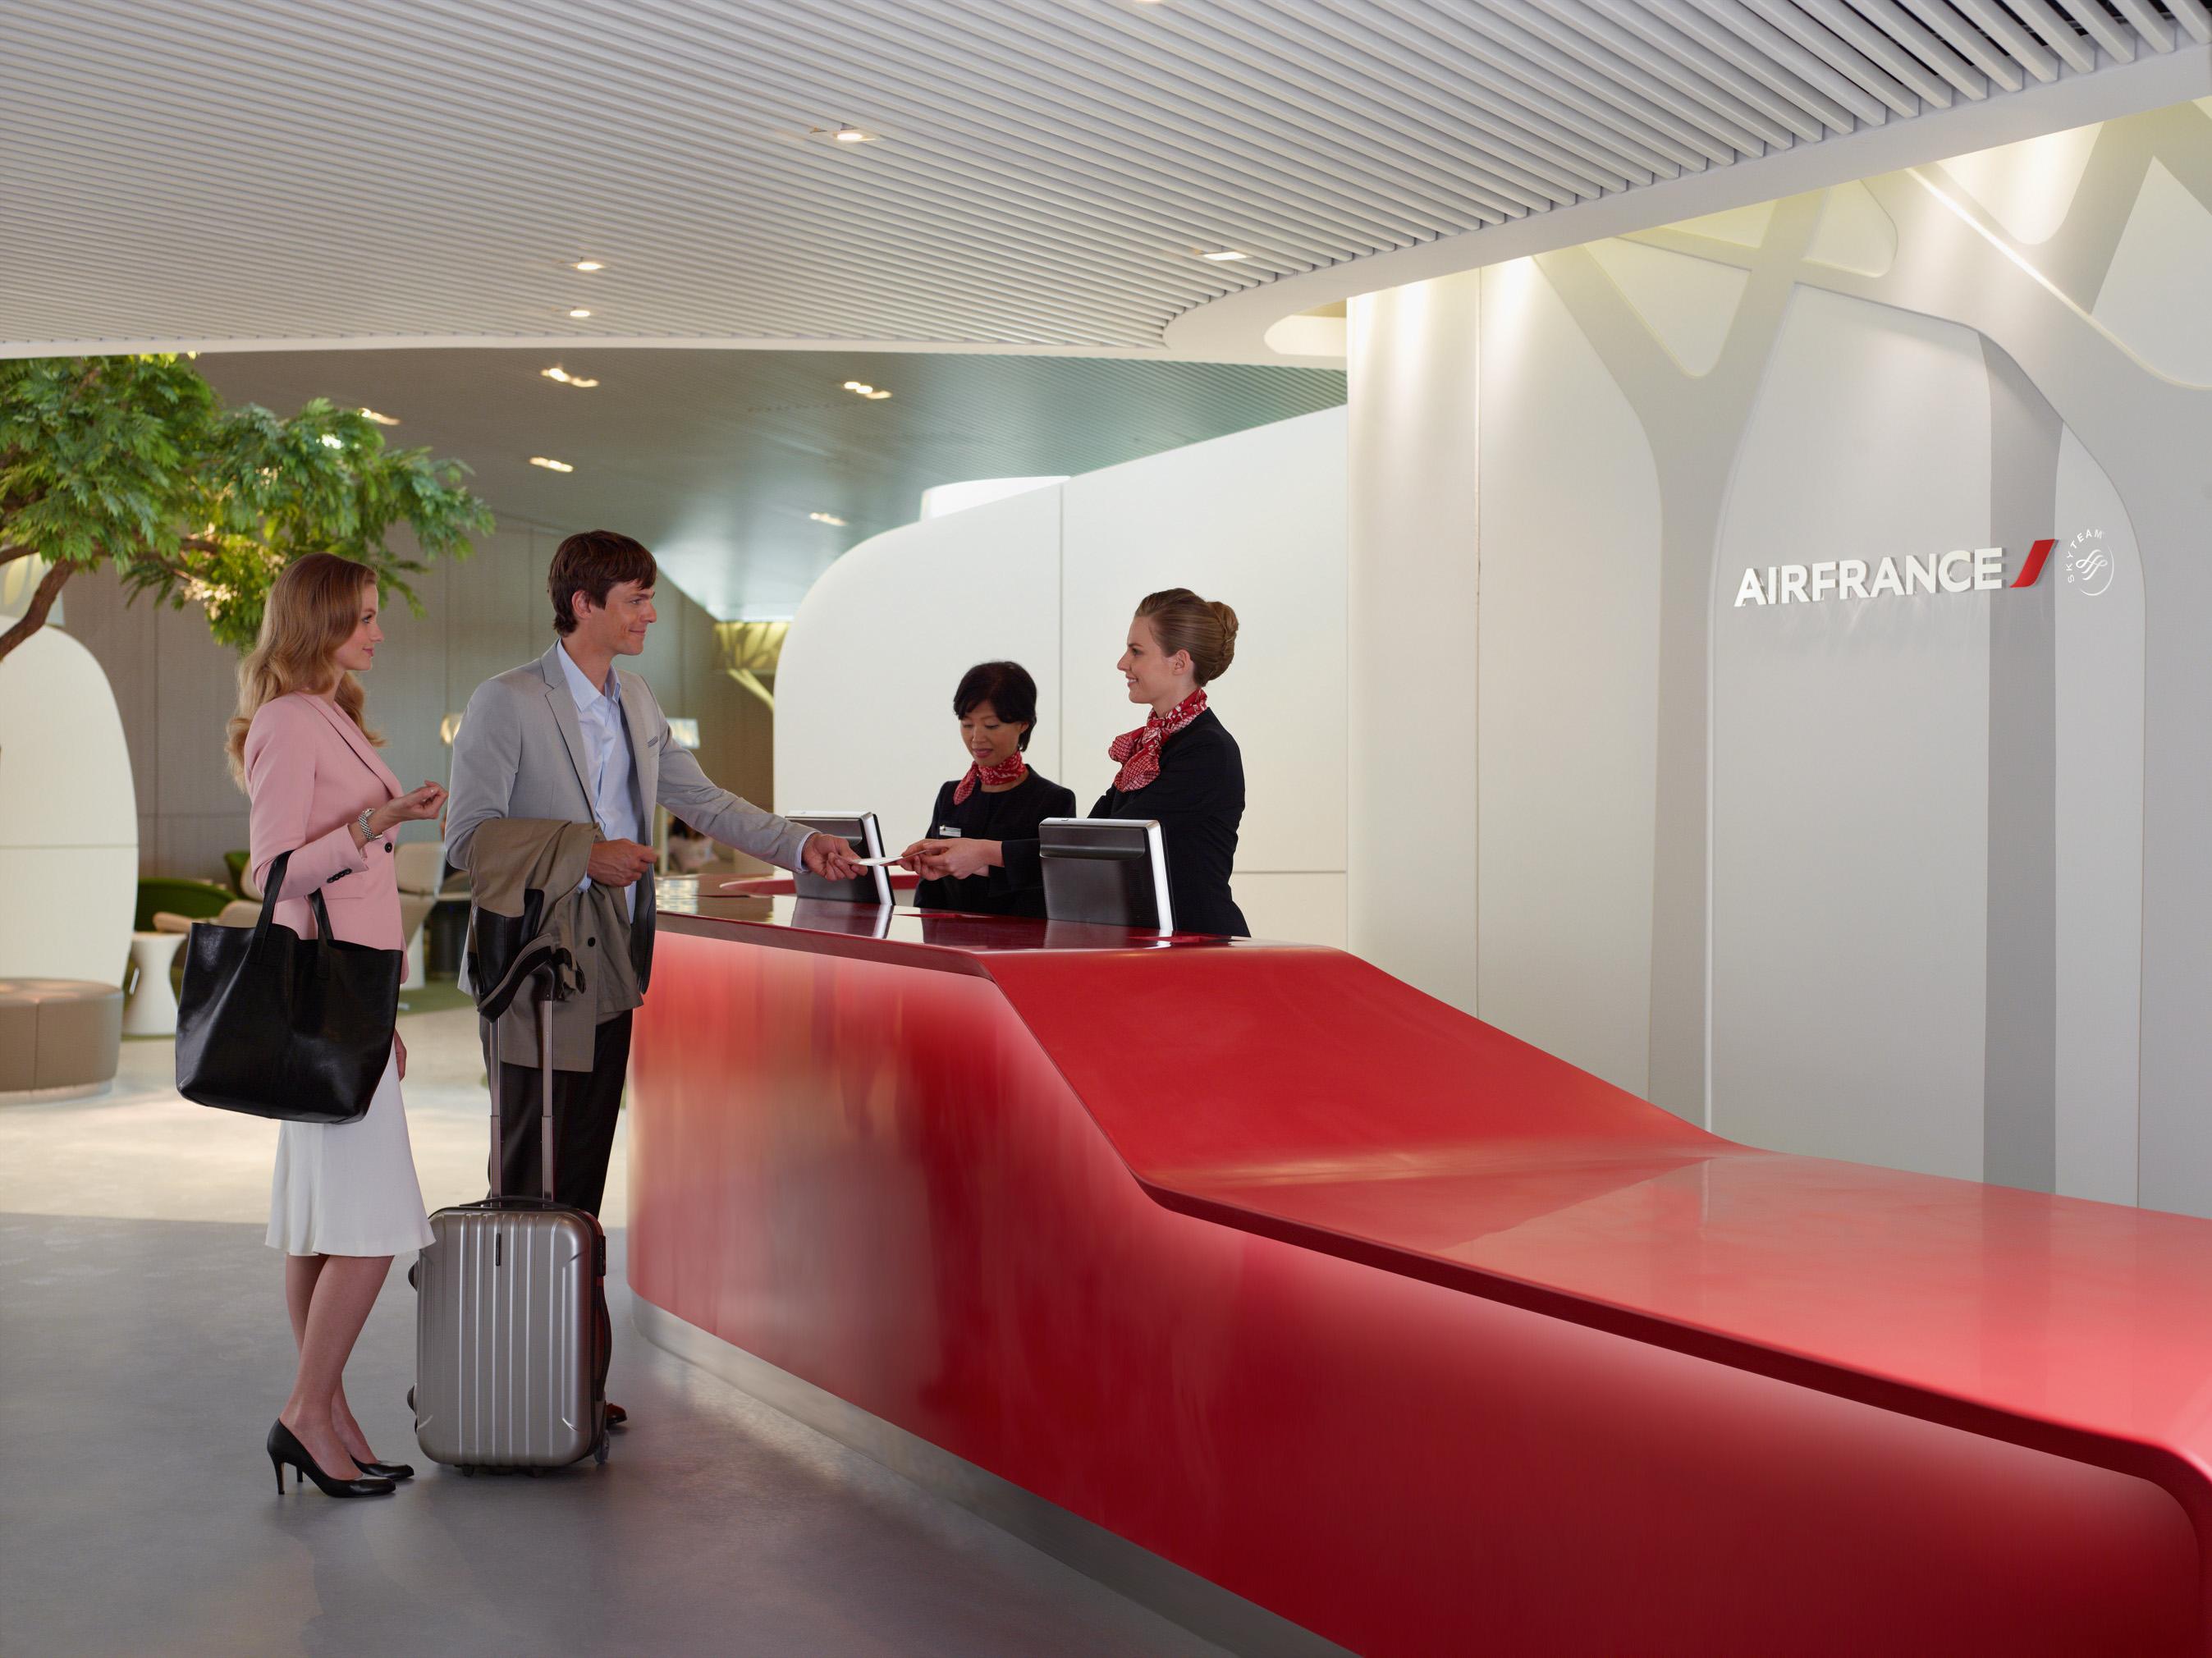 Visite du nouveau salon Air France dans le S4 services indits ambiance 100 nature et dtente